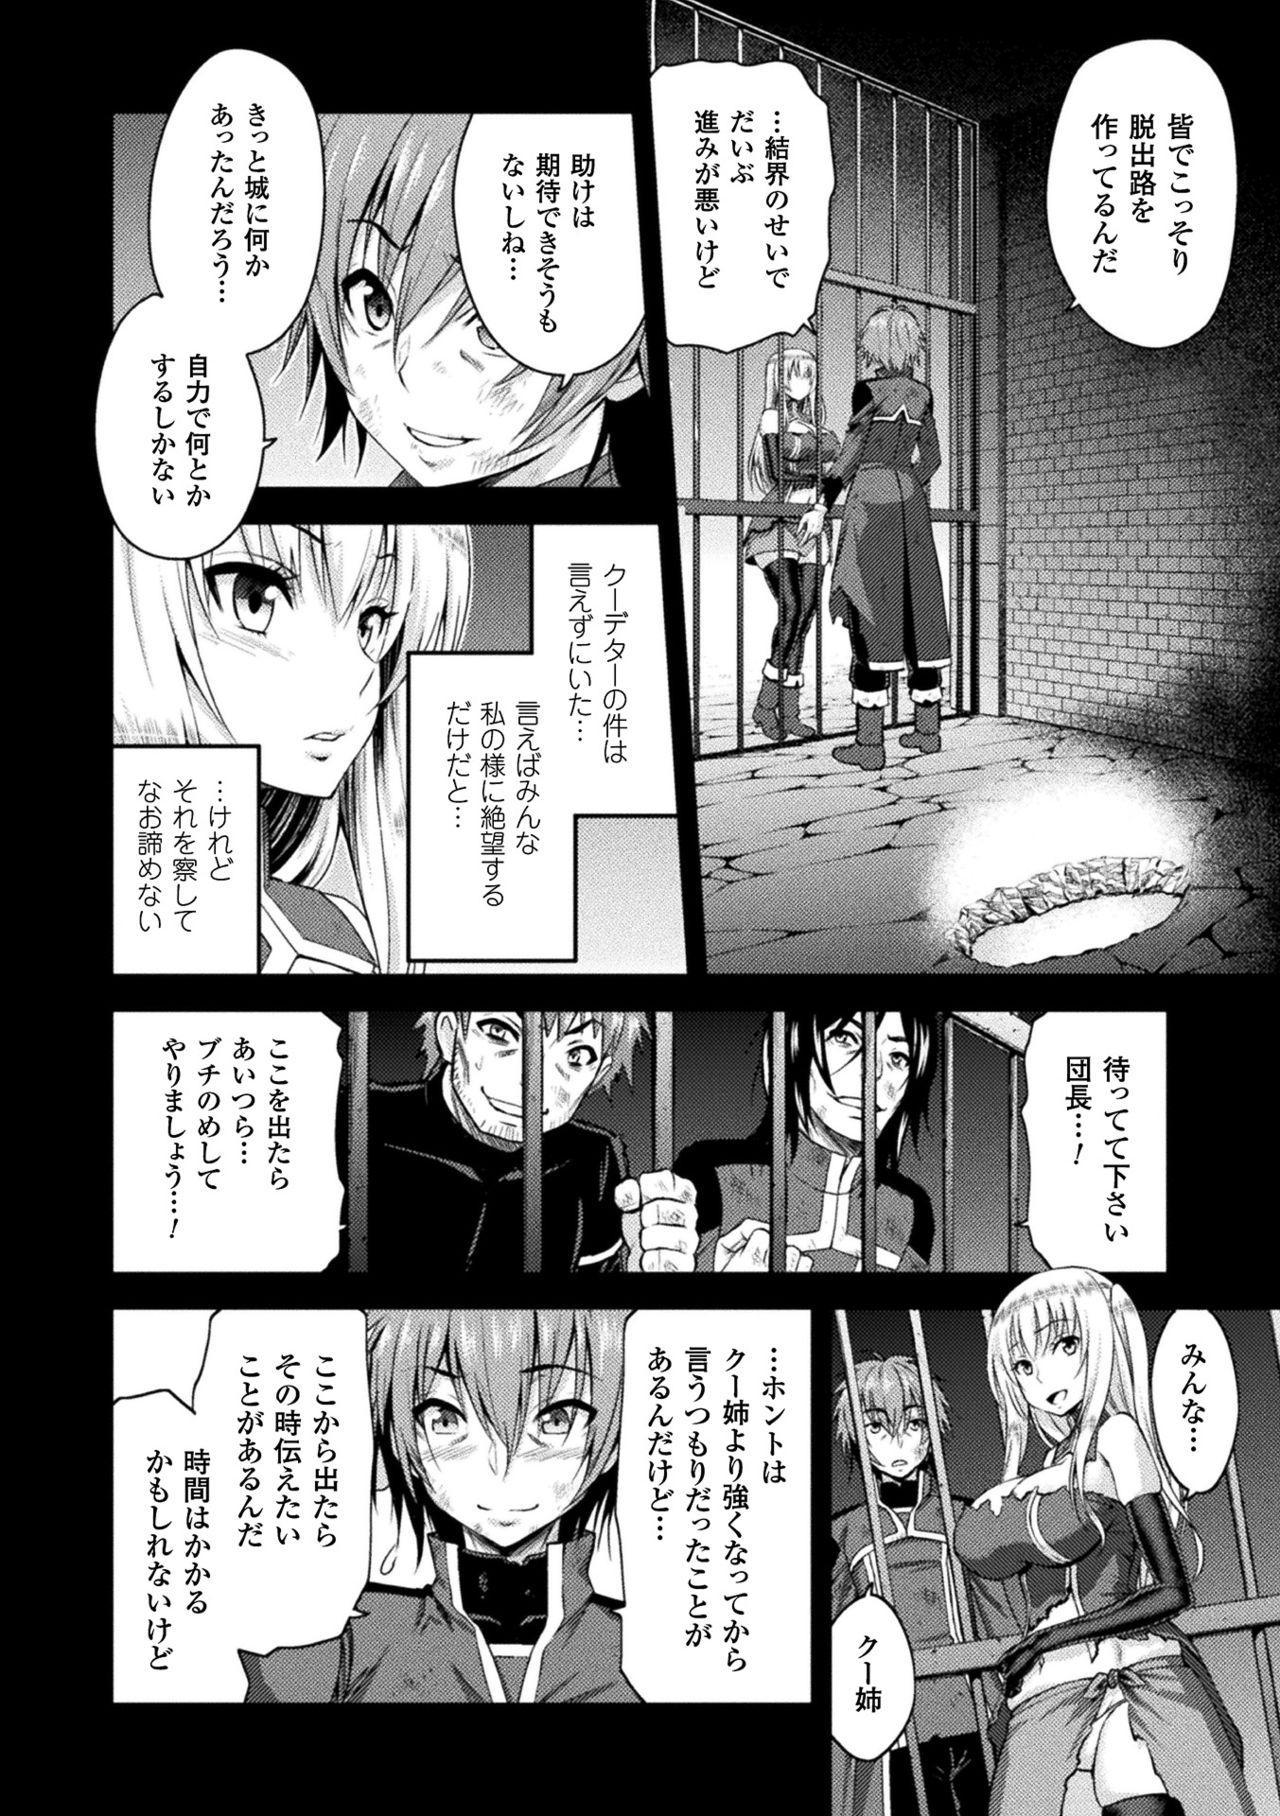 ERONA Orc no Inmon ni Okasareta Onna Kishi no Matsuro 55